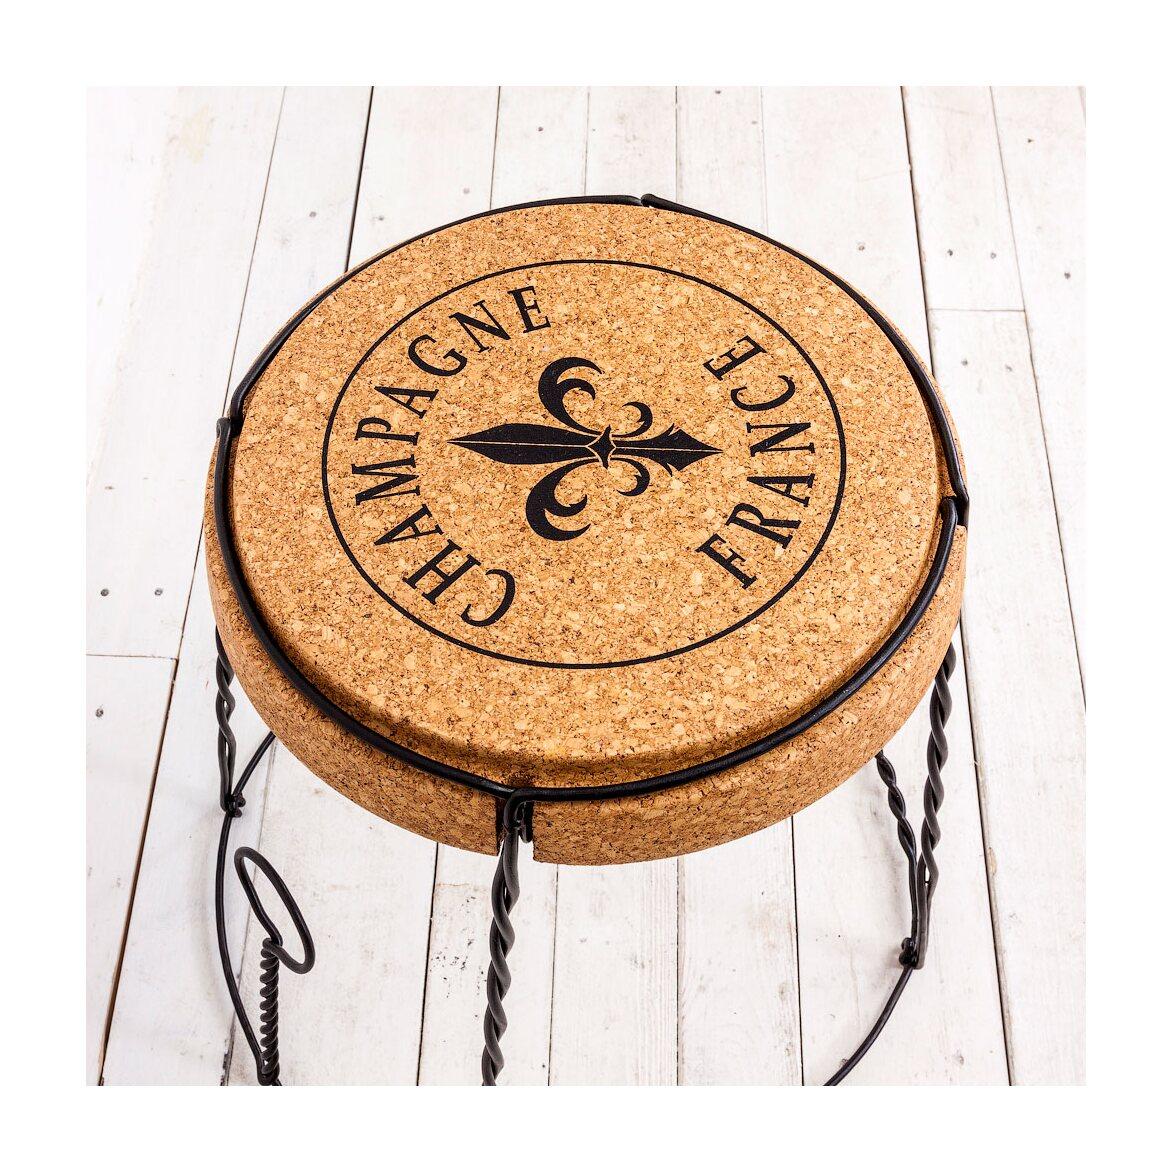 Столик «Champagne France», версия L 3 | Кофейные столики Kingsby